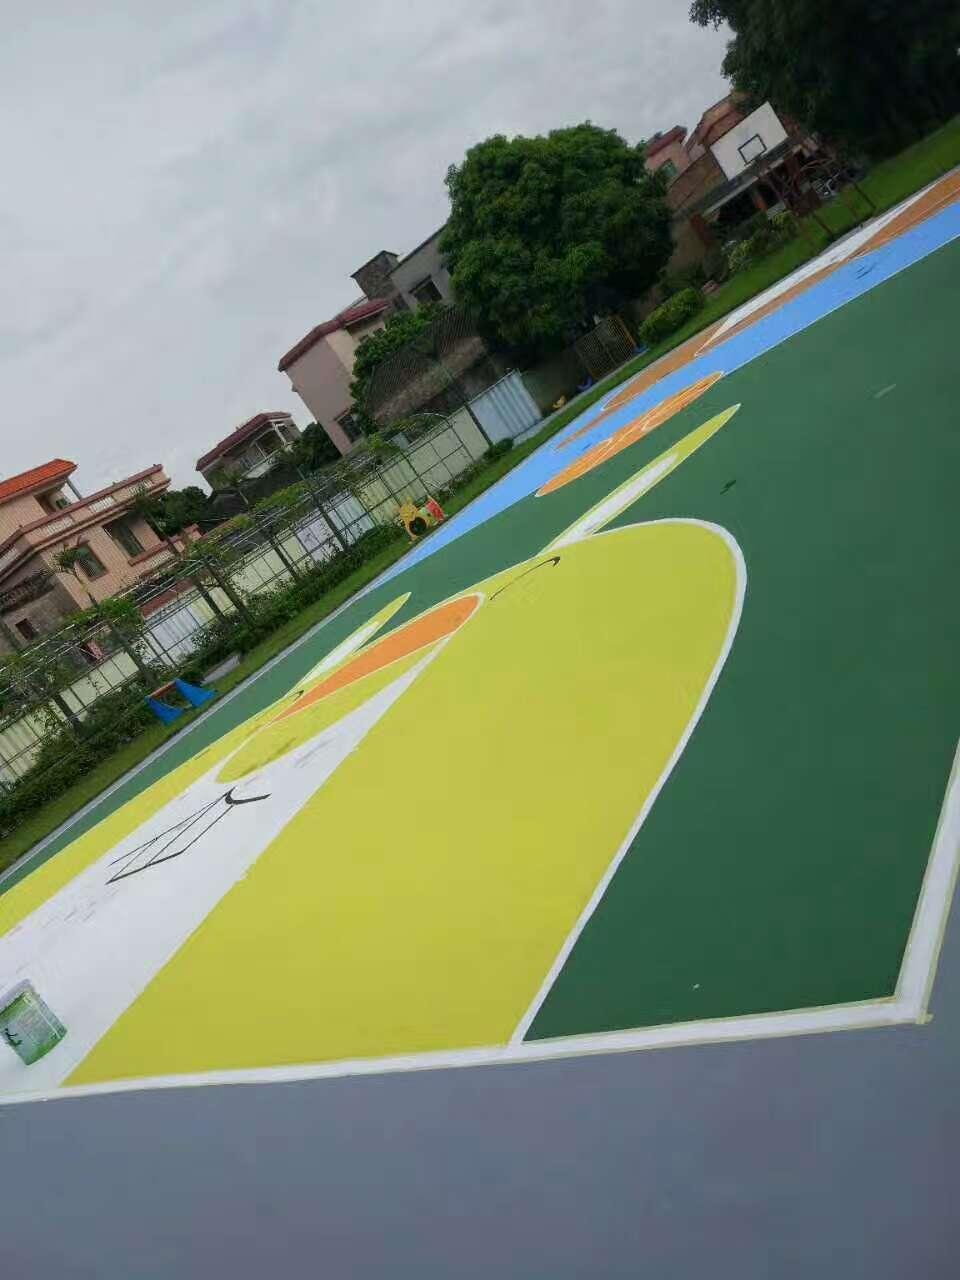 佛山市九江镇南幼儿园运动场美化改造工程 水性彩色地面完工